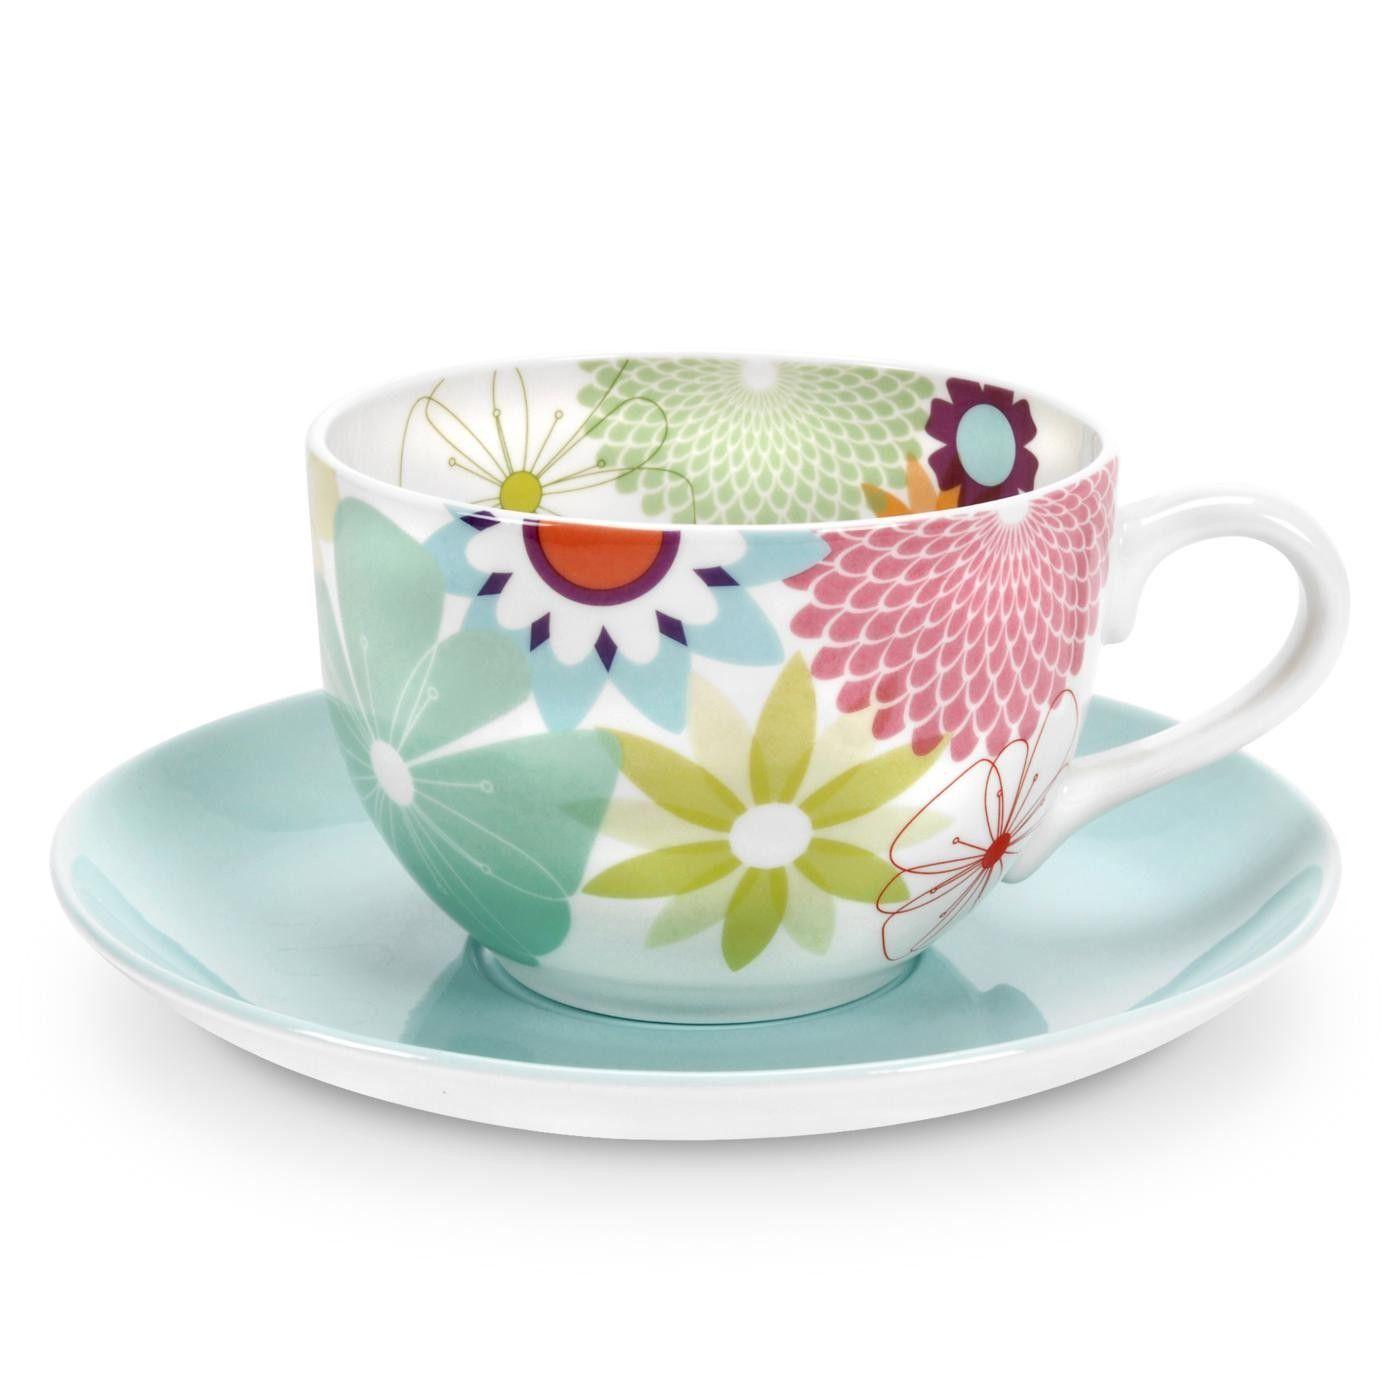 Portmeirion Crazy Daisy Jumbo Cup Saucer Set Uk